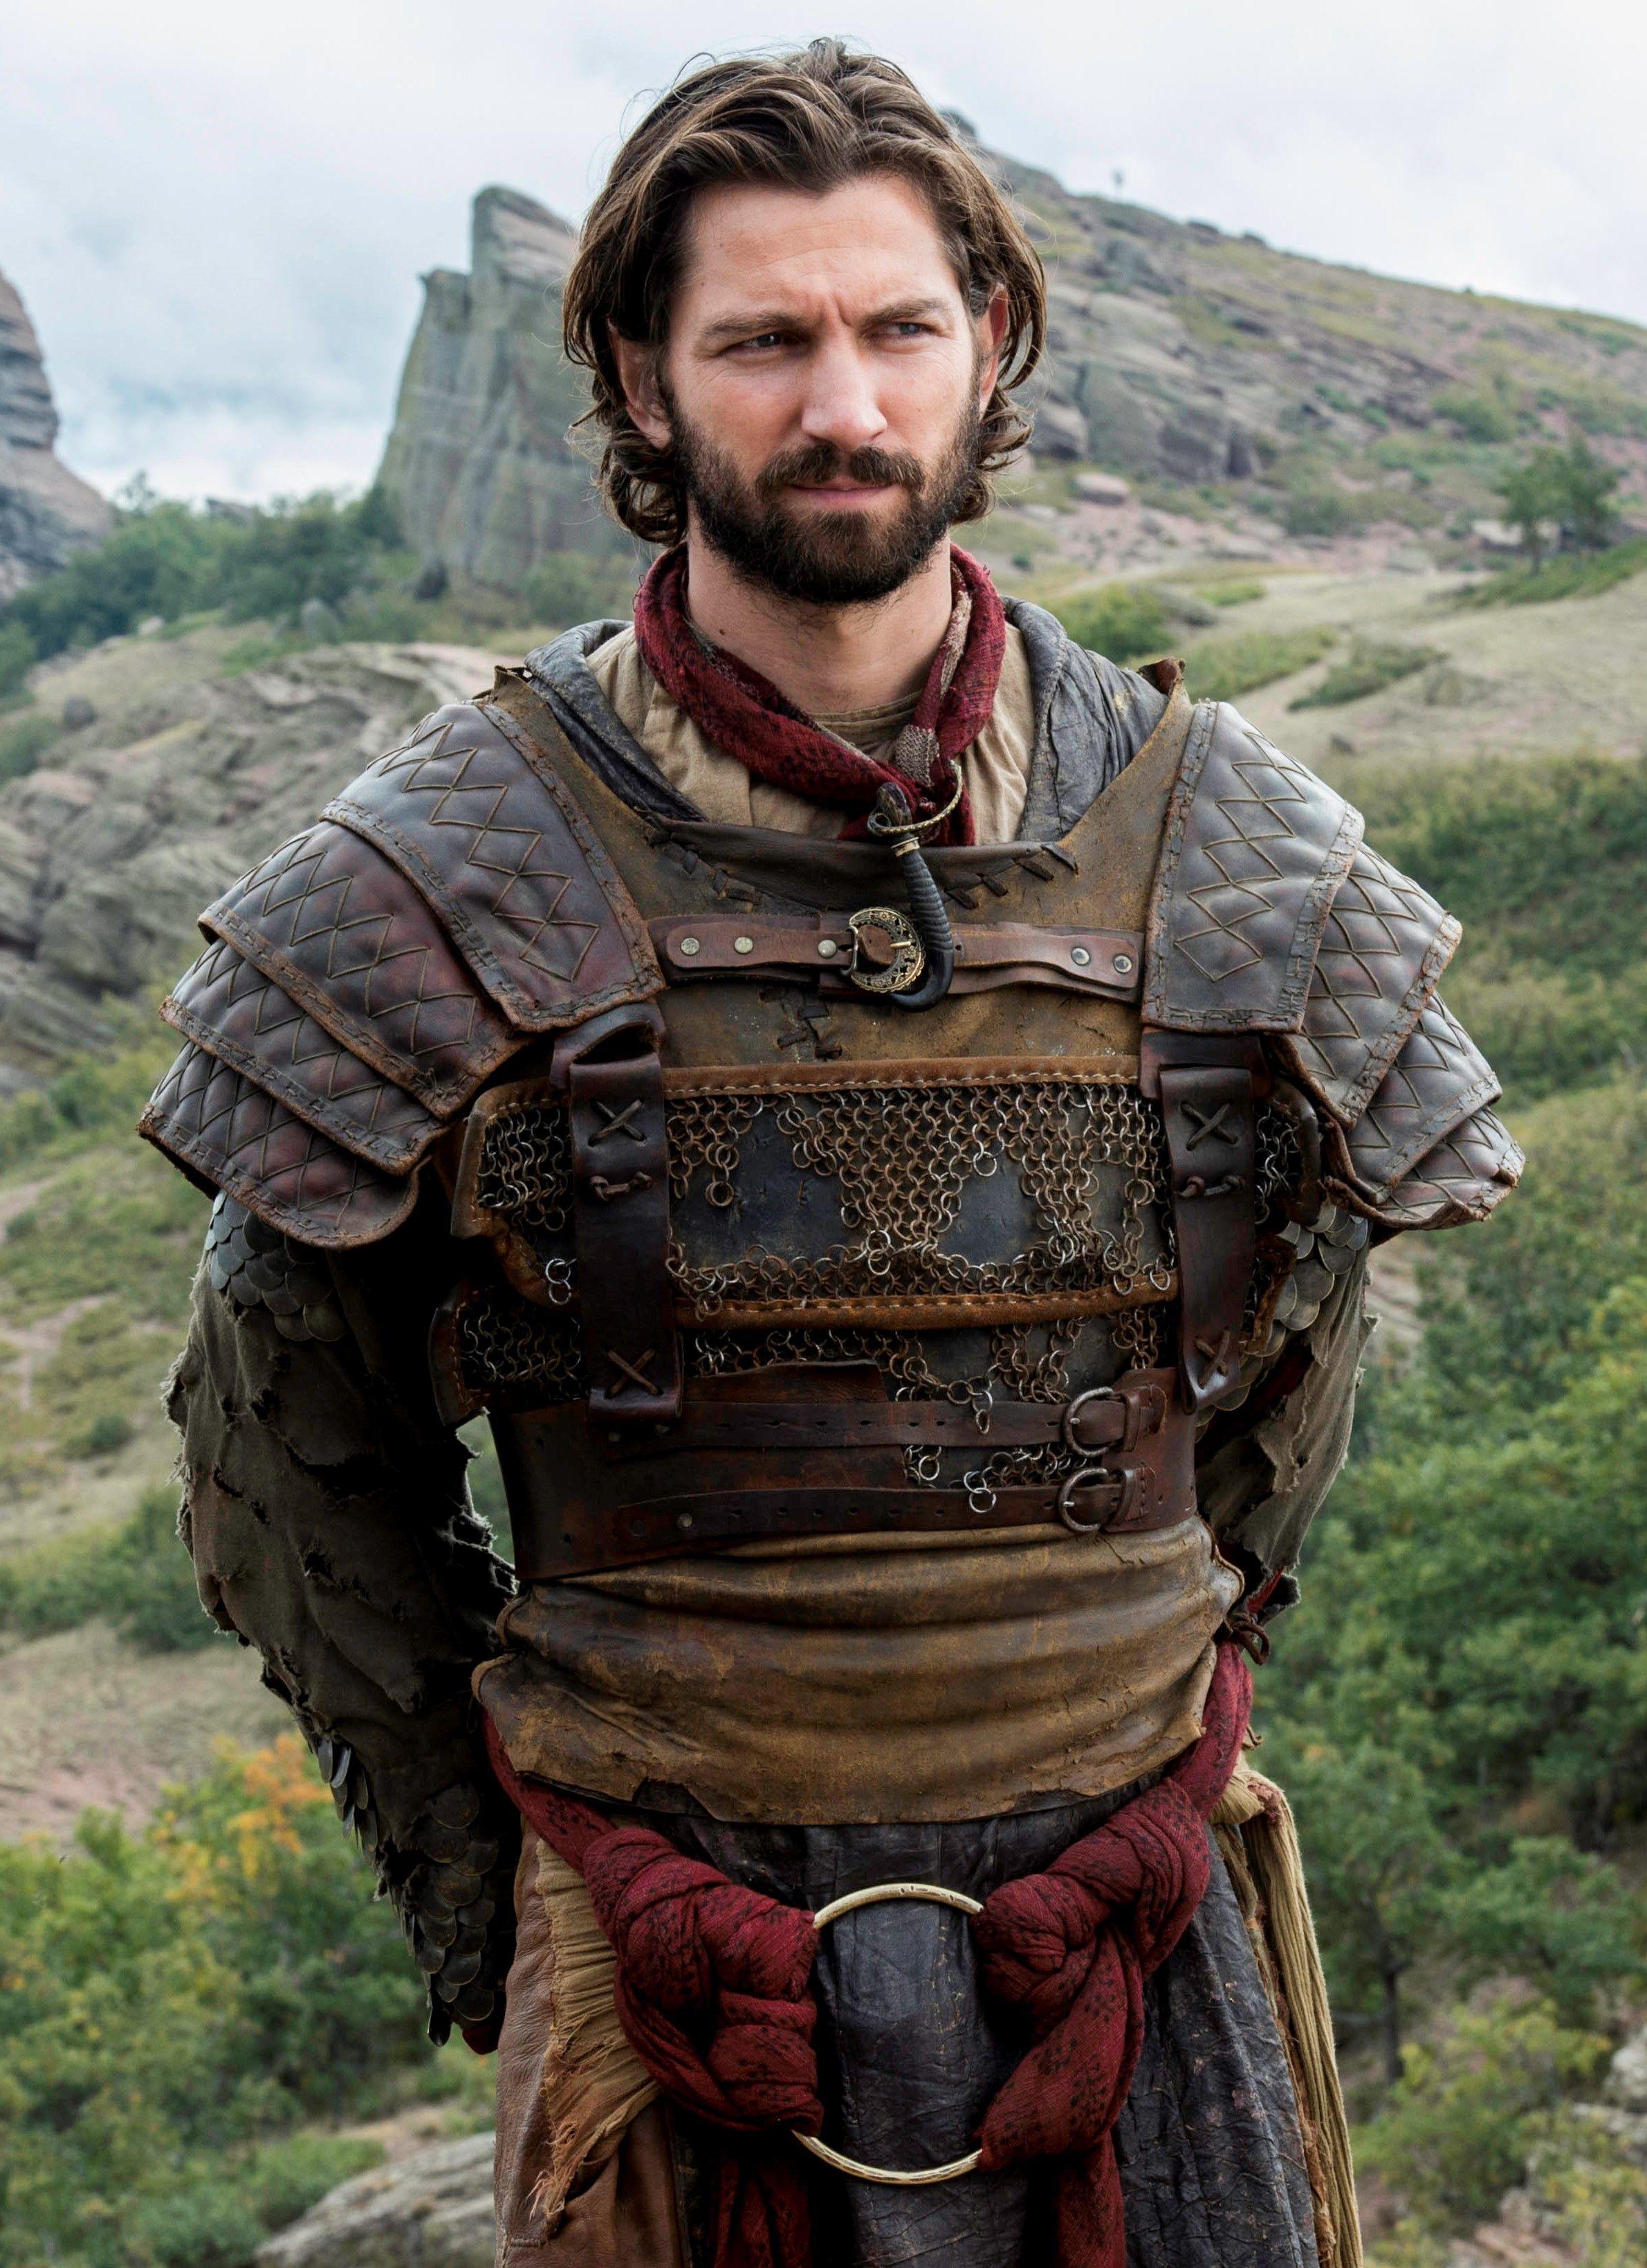 Game Of Thrones Personnage : thrones, personnage, Clock, Fandom, #gameofthrones, #fantasy, #series, #fandom, #fandome, Thrones, Personnages,, Dessin, Thrones,